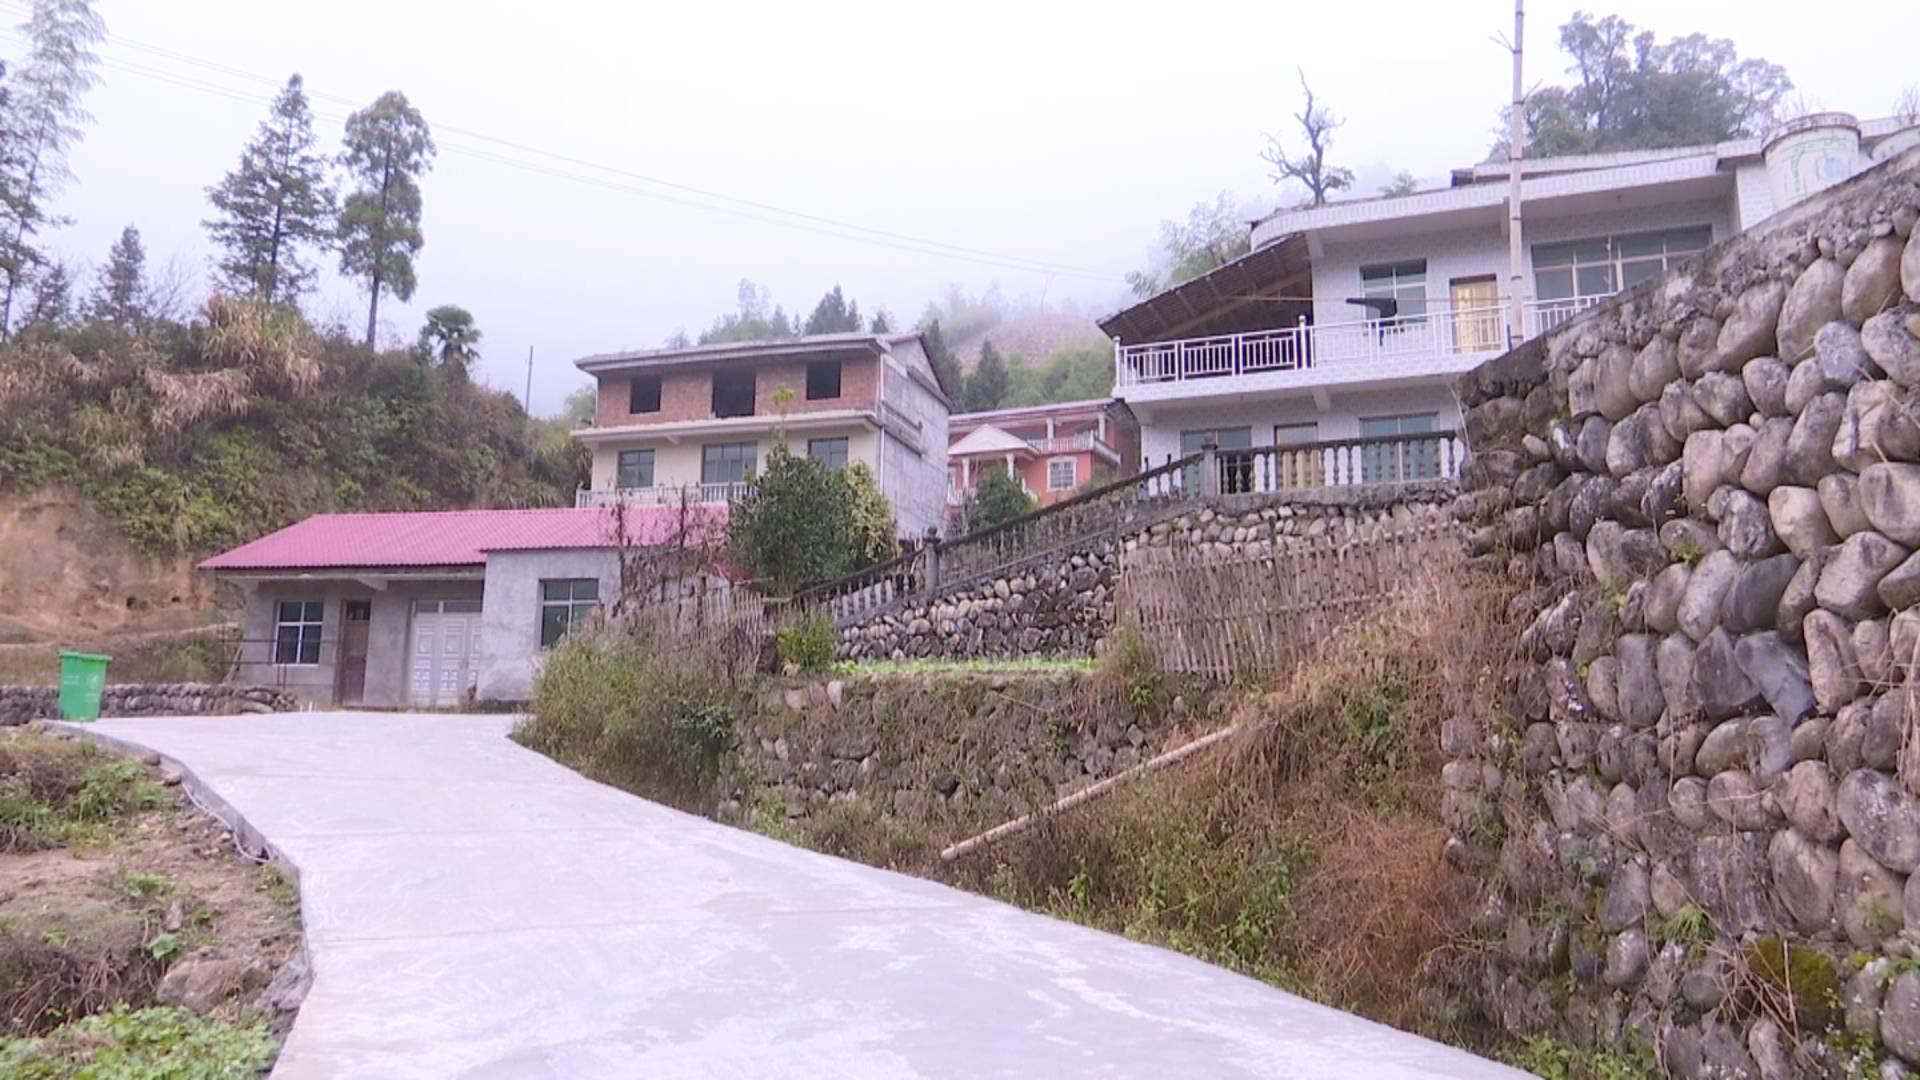 村修路的资金是通过一事一议项目争取的财政资金,该项目是通过由村委会组织,由村民理事会来商量决定